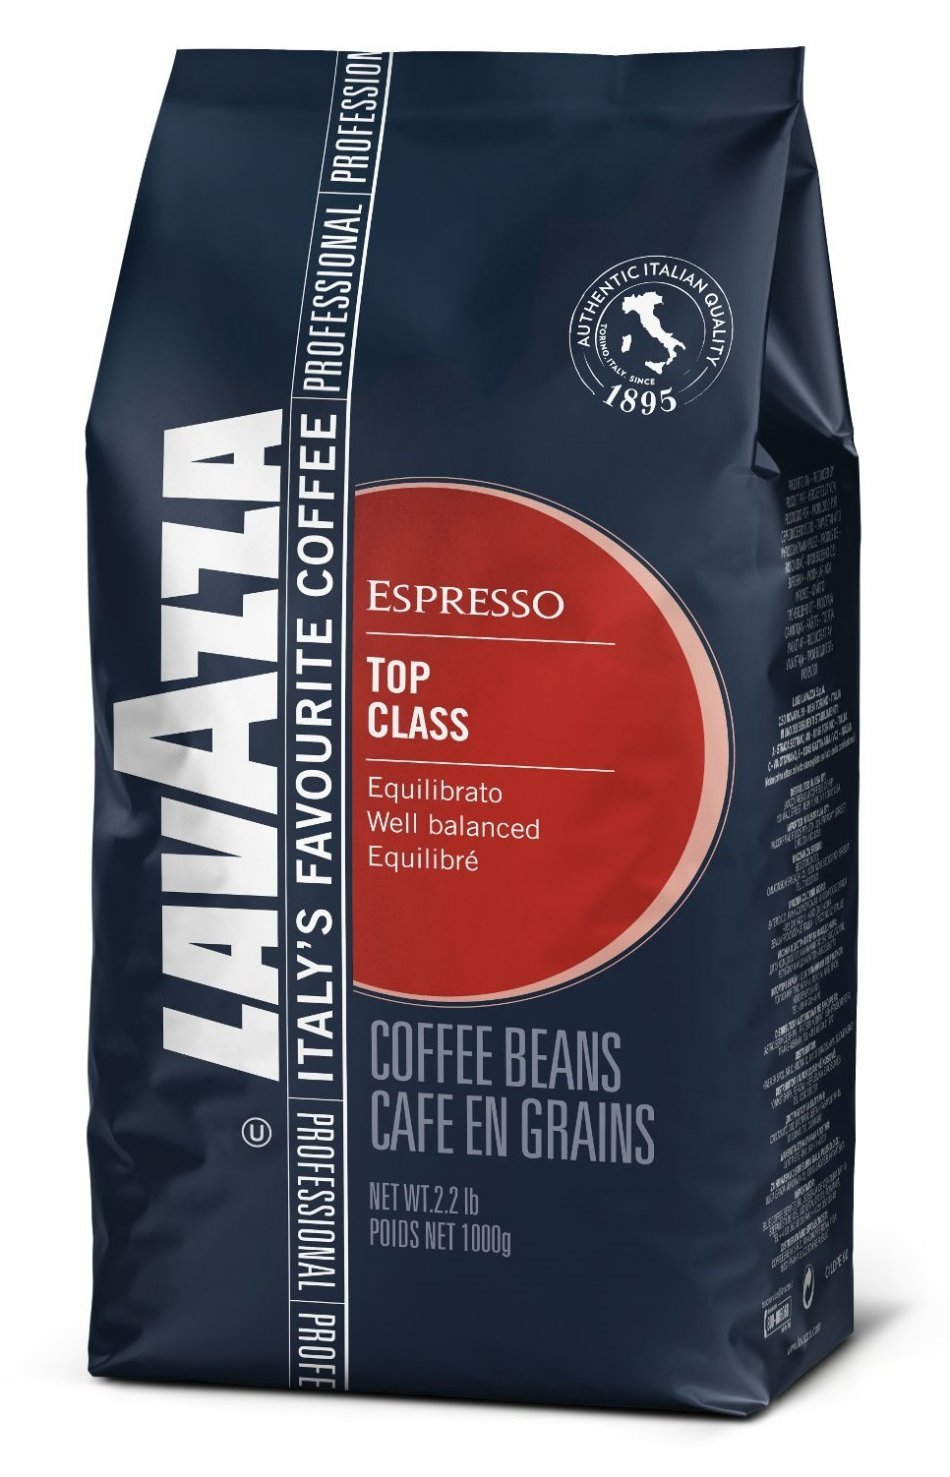 Lavazza Espresso Top Class